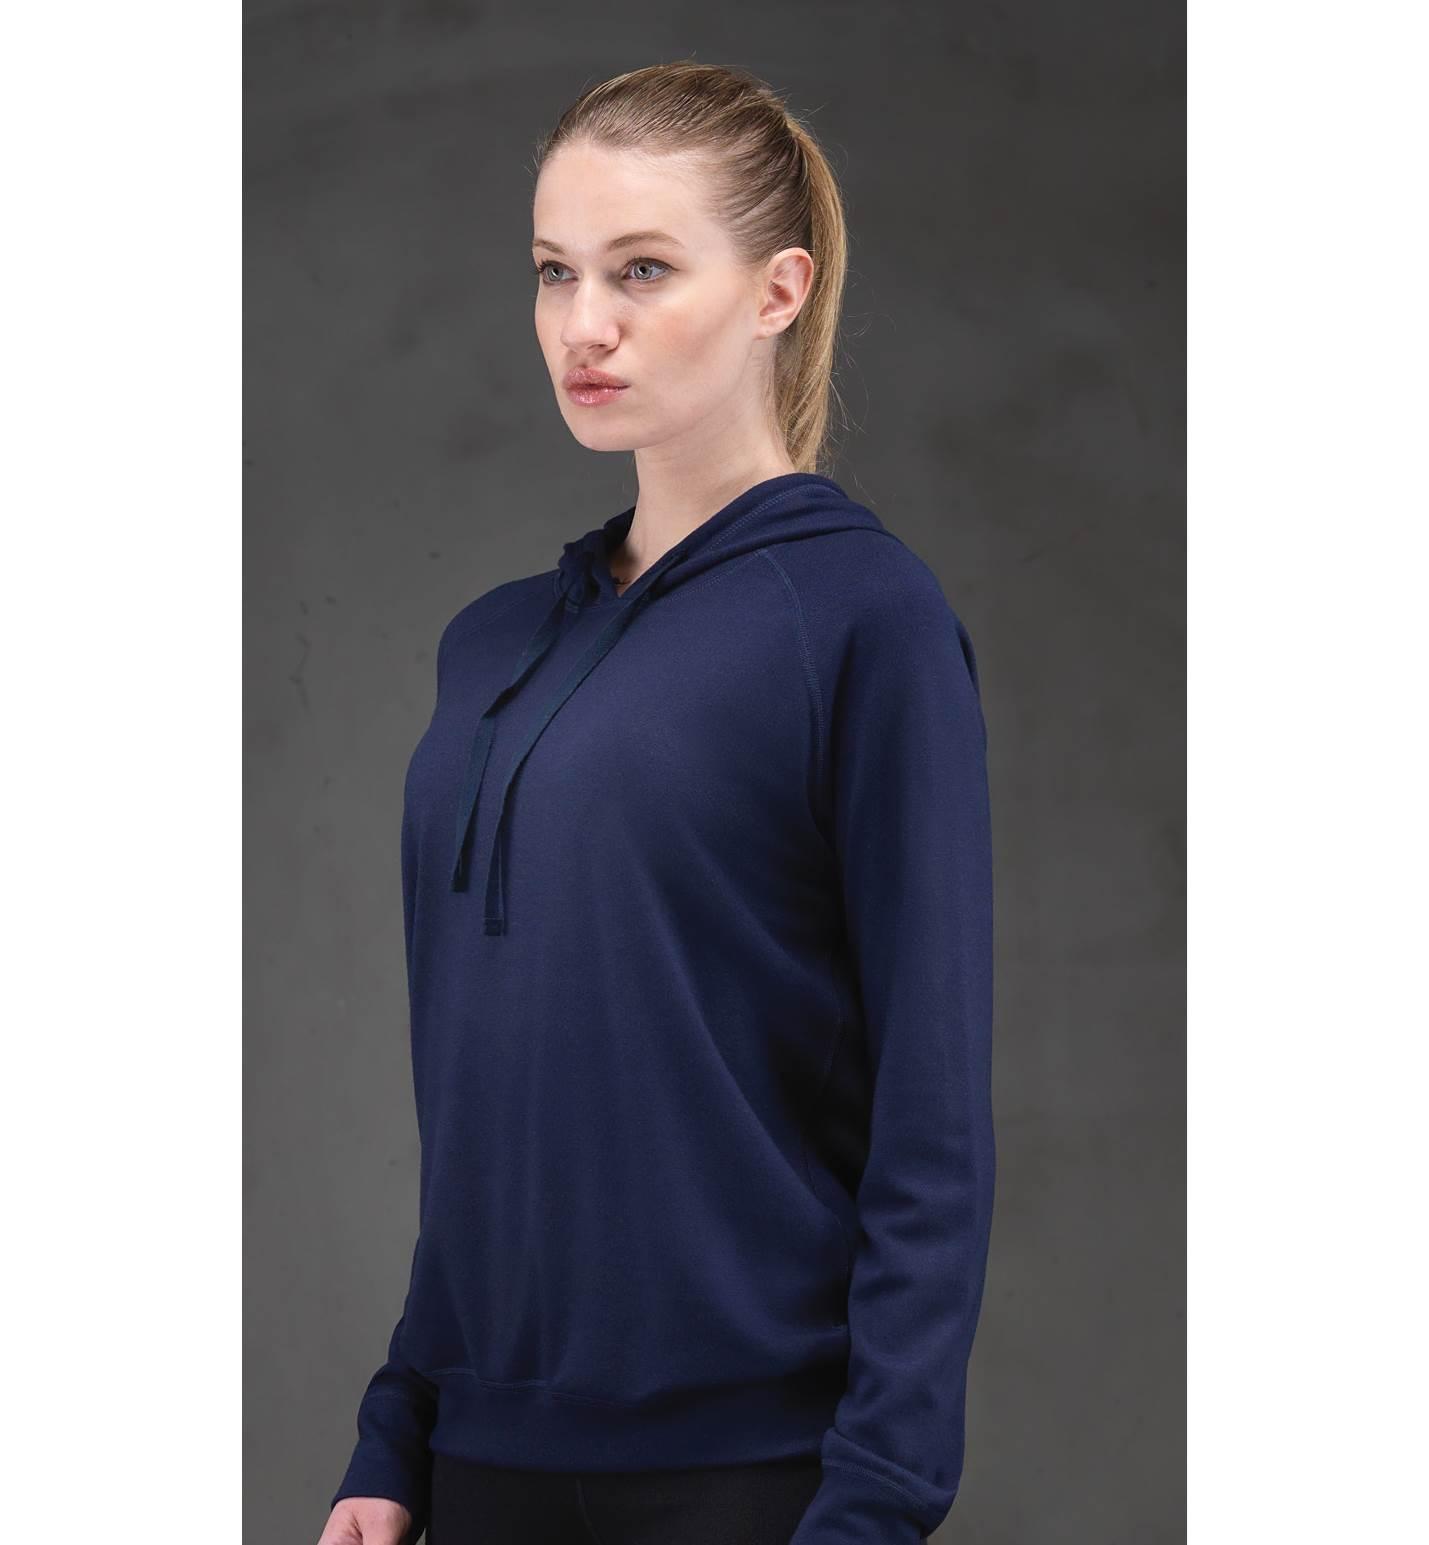 Kadın Termal Kapşonlu Sweatshirt 2. Seviye 5938 - Lacivert